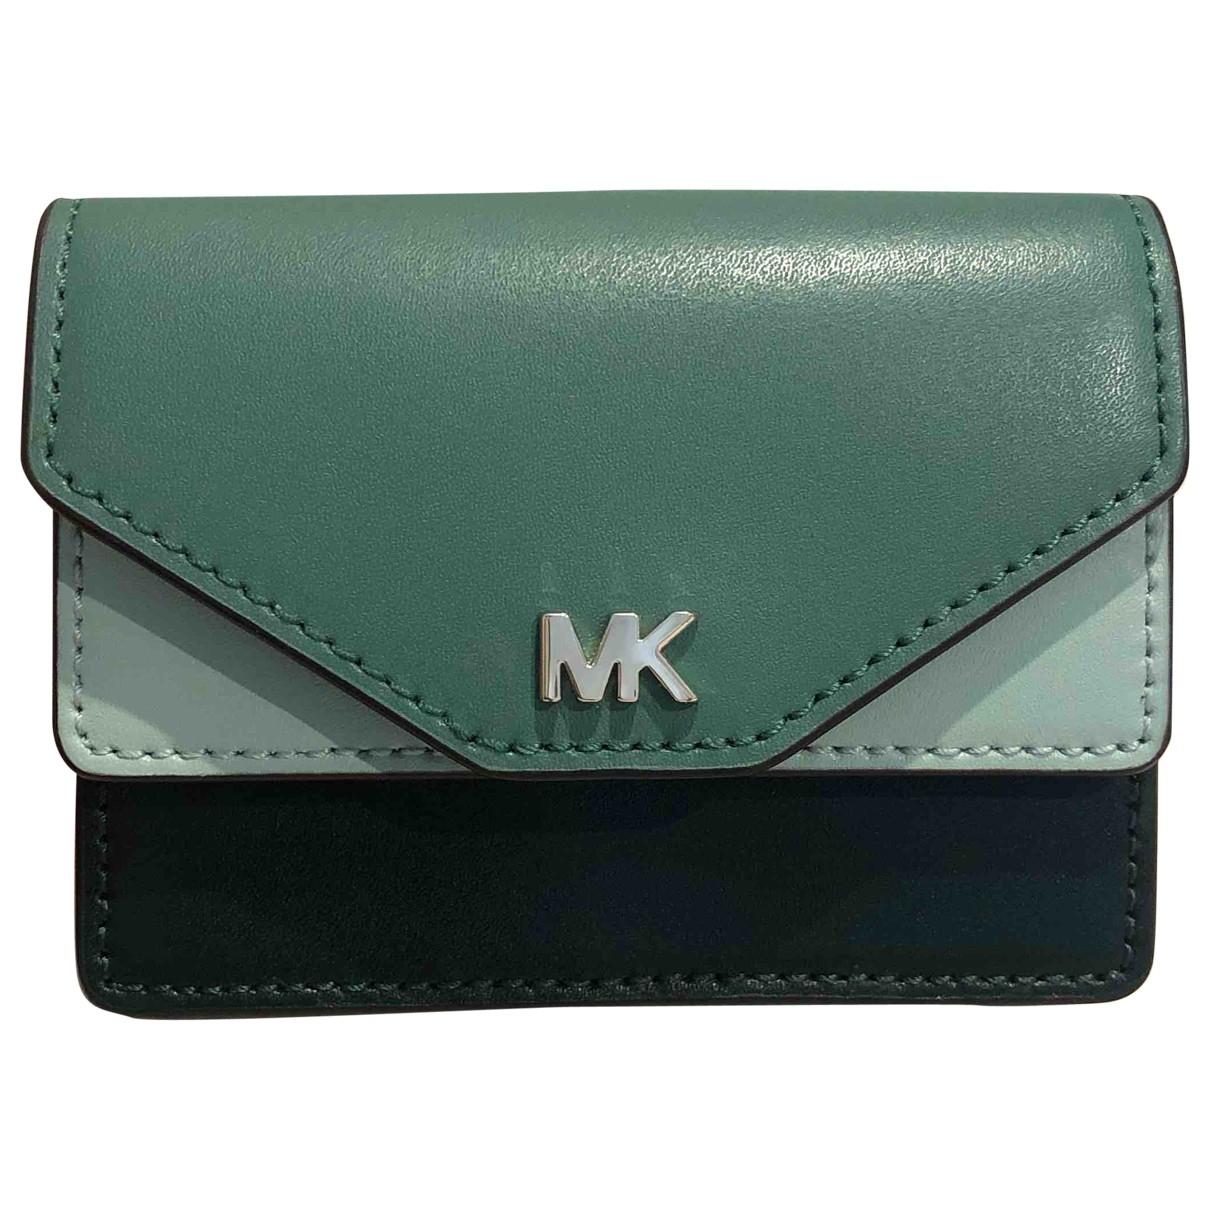 Michael Kors - Portefeuille   pour femme en cuir - vert